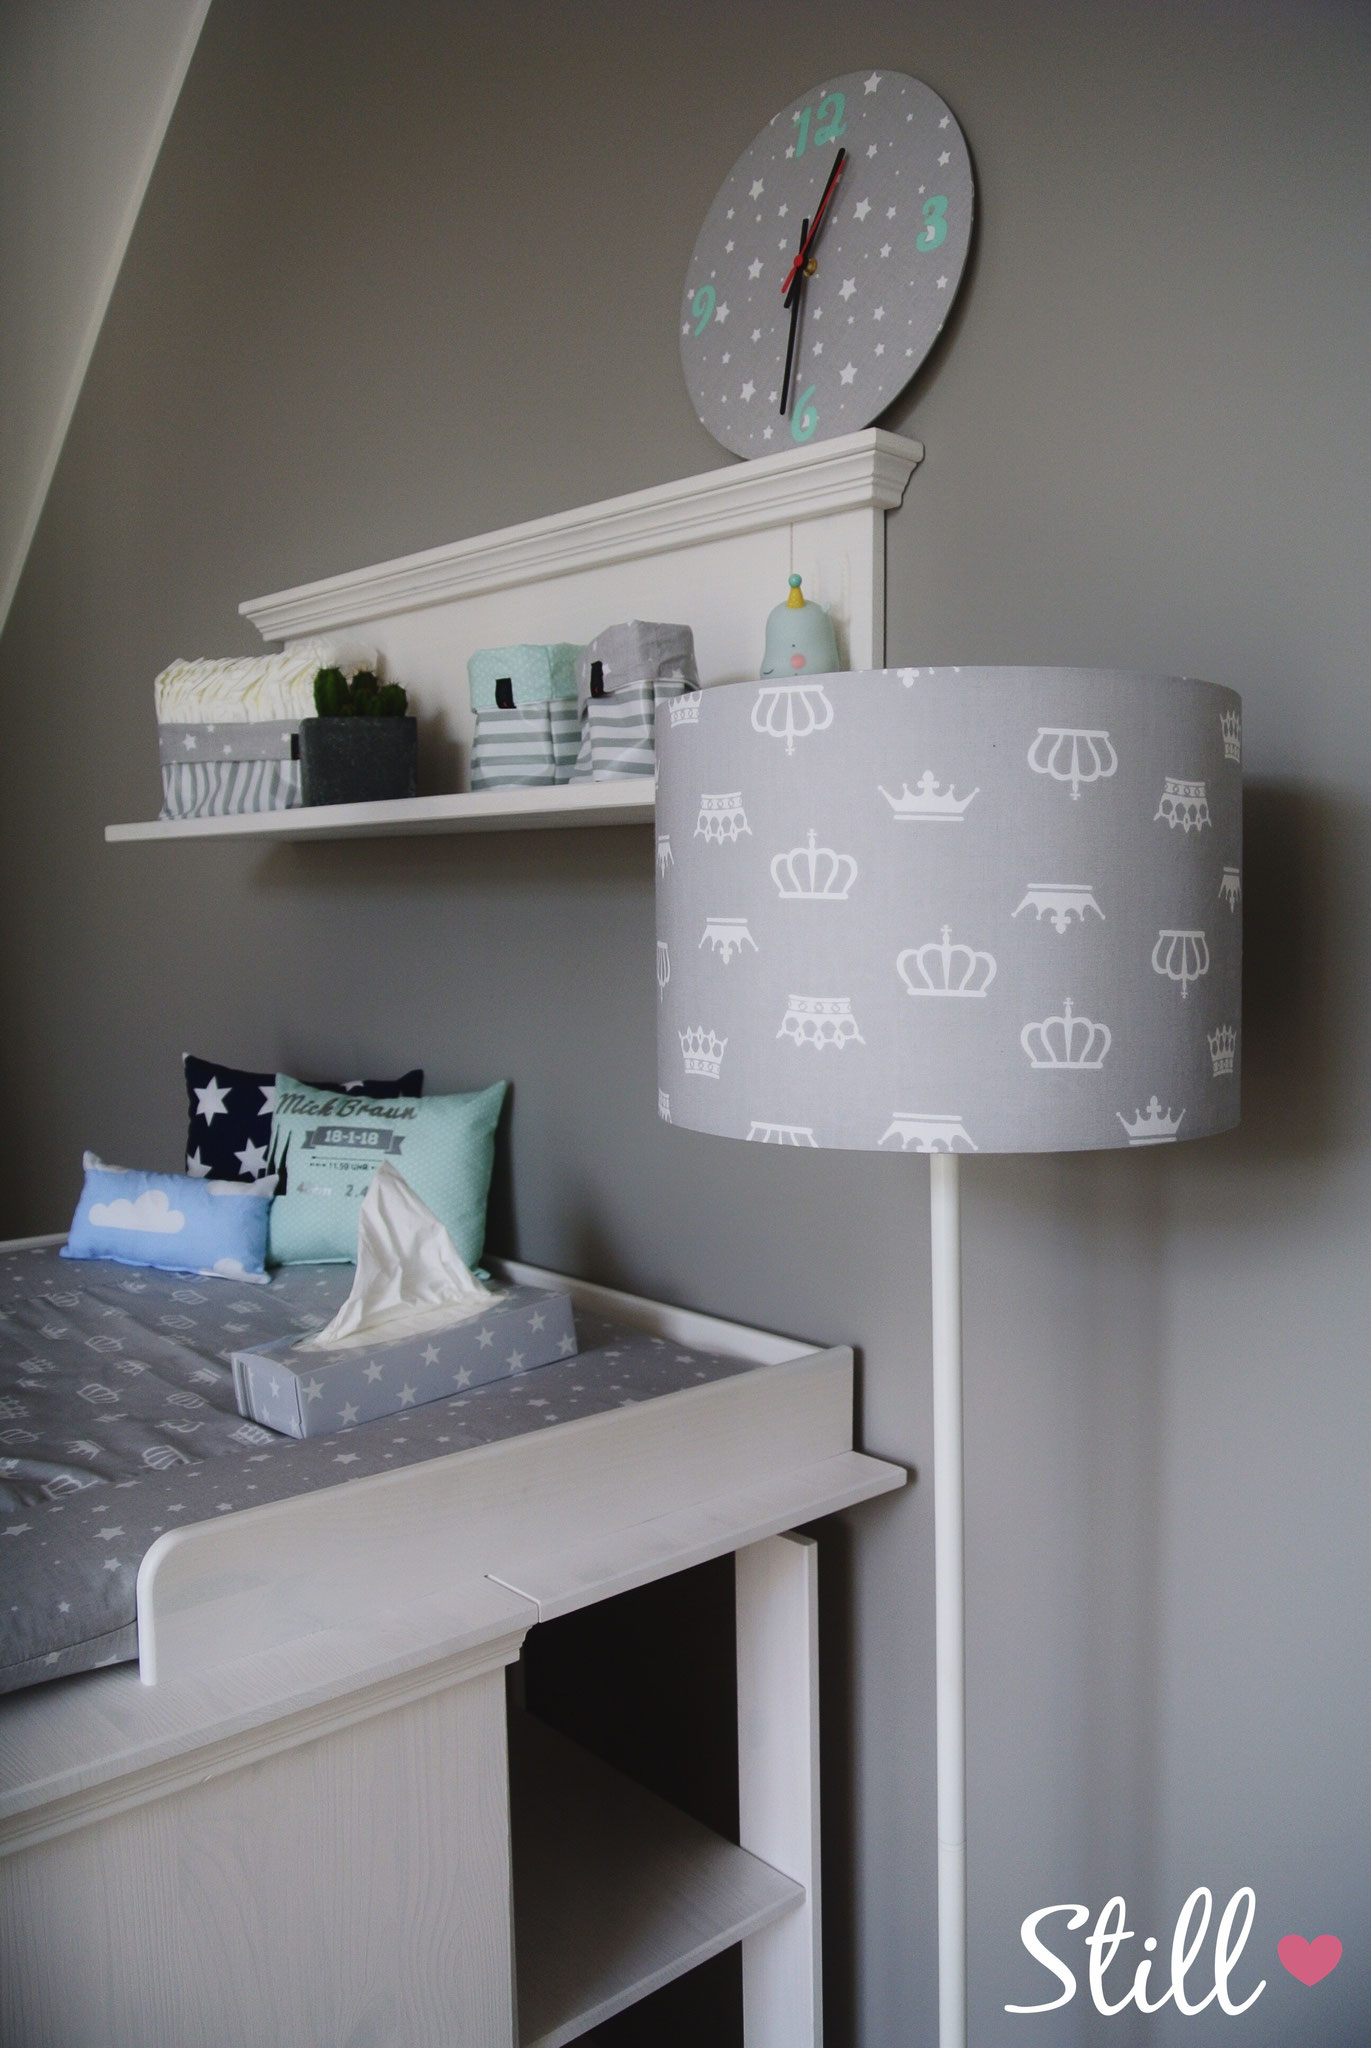 Lampenschirm & Wickelkommode